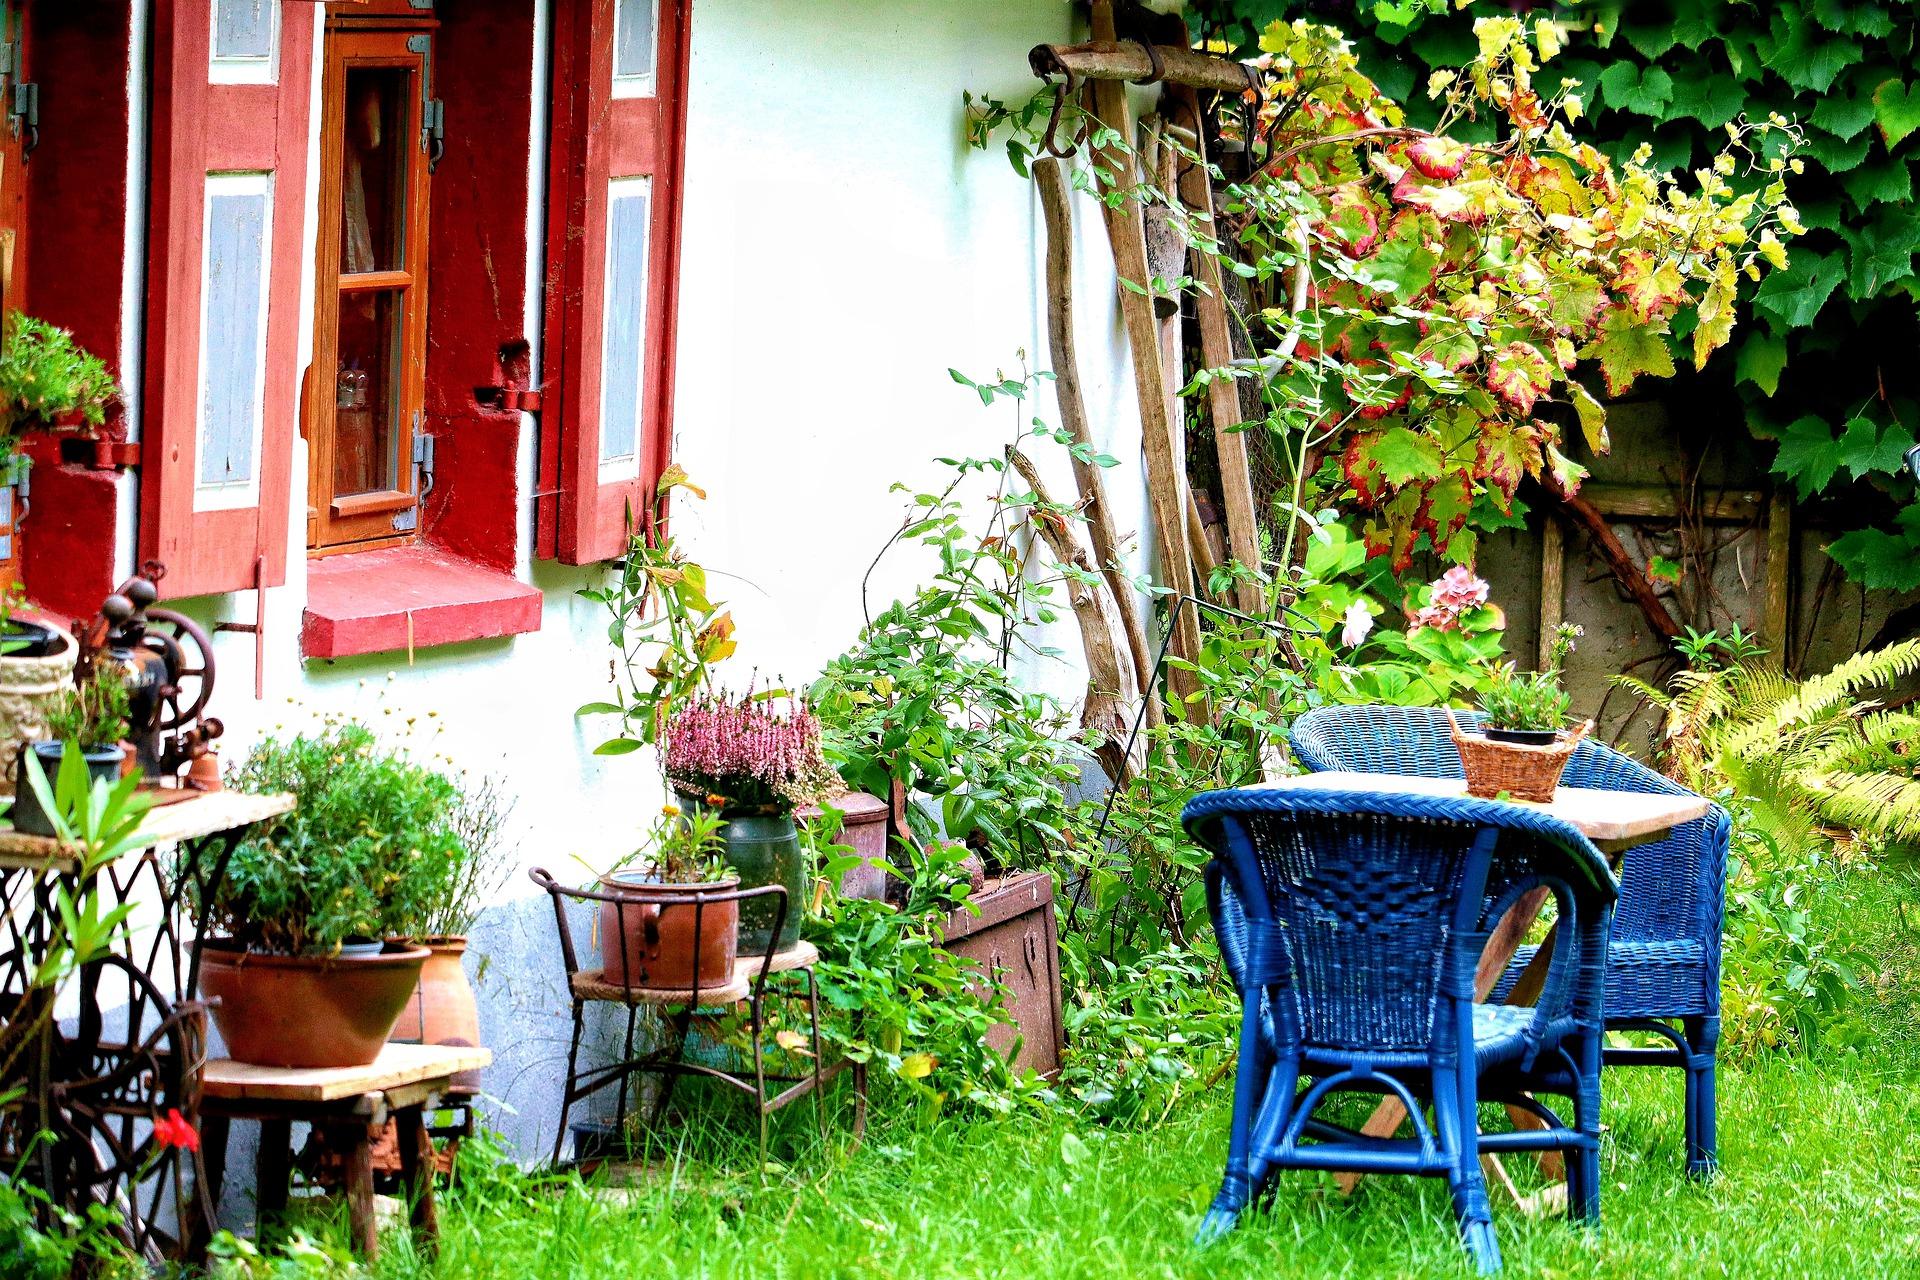 environmentally-friendly garden furniture